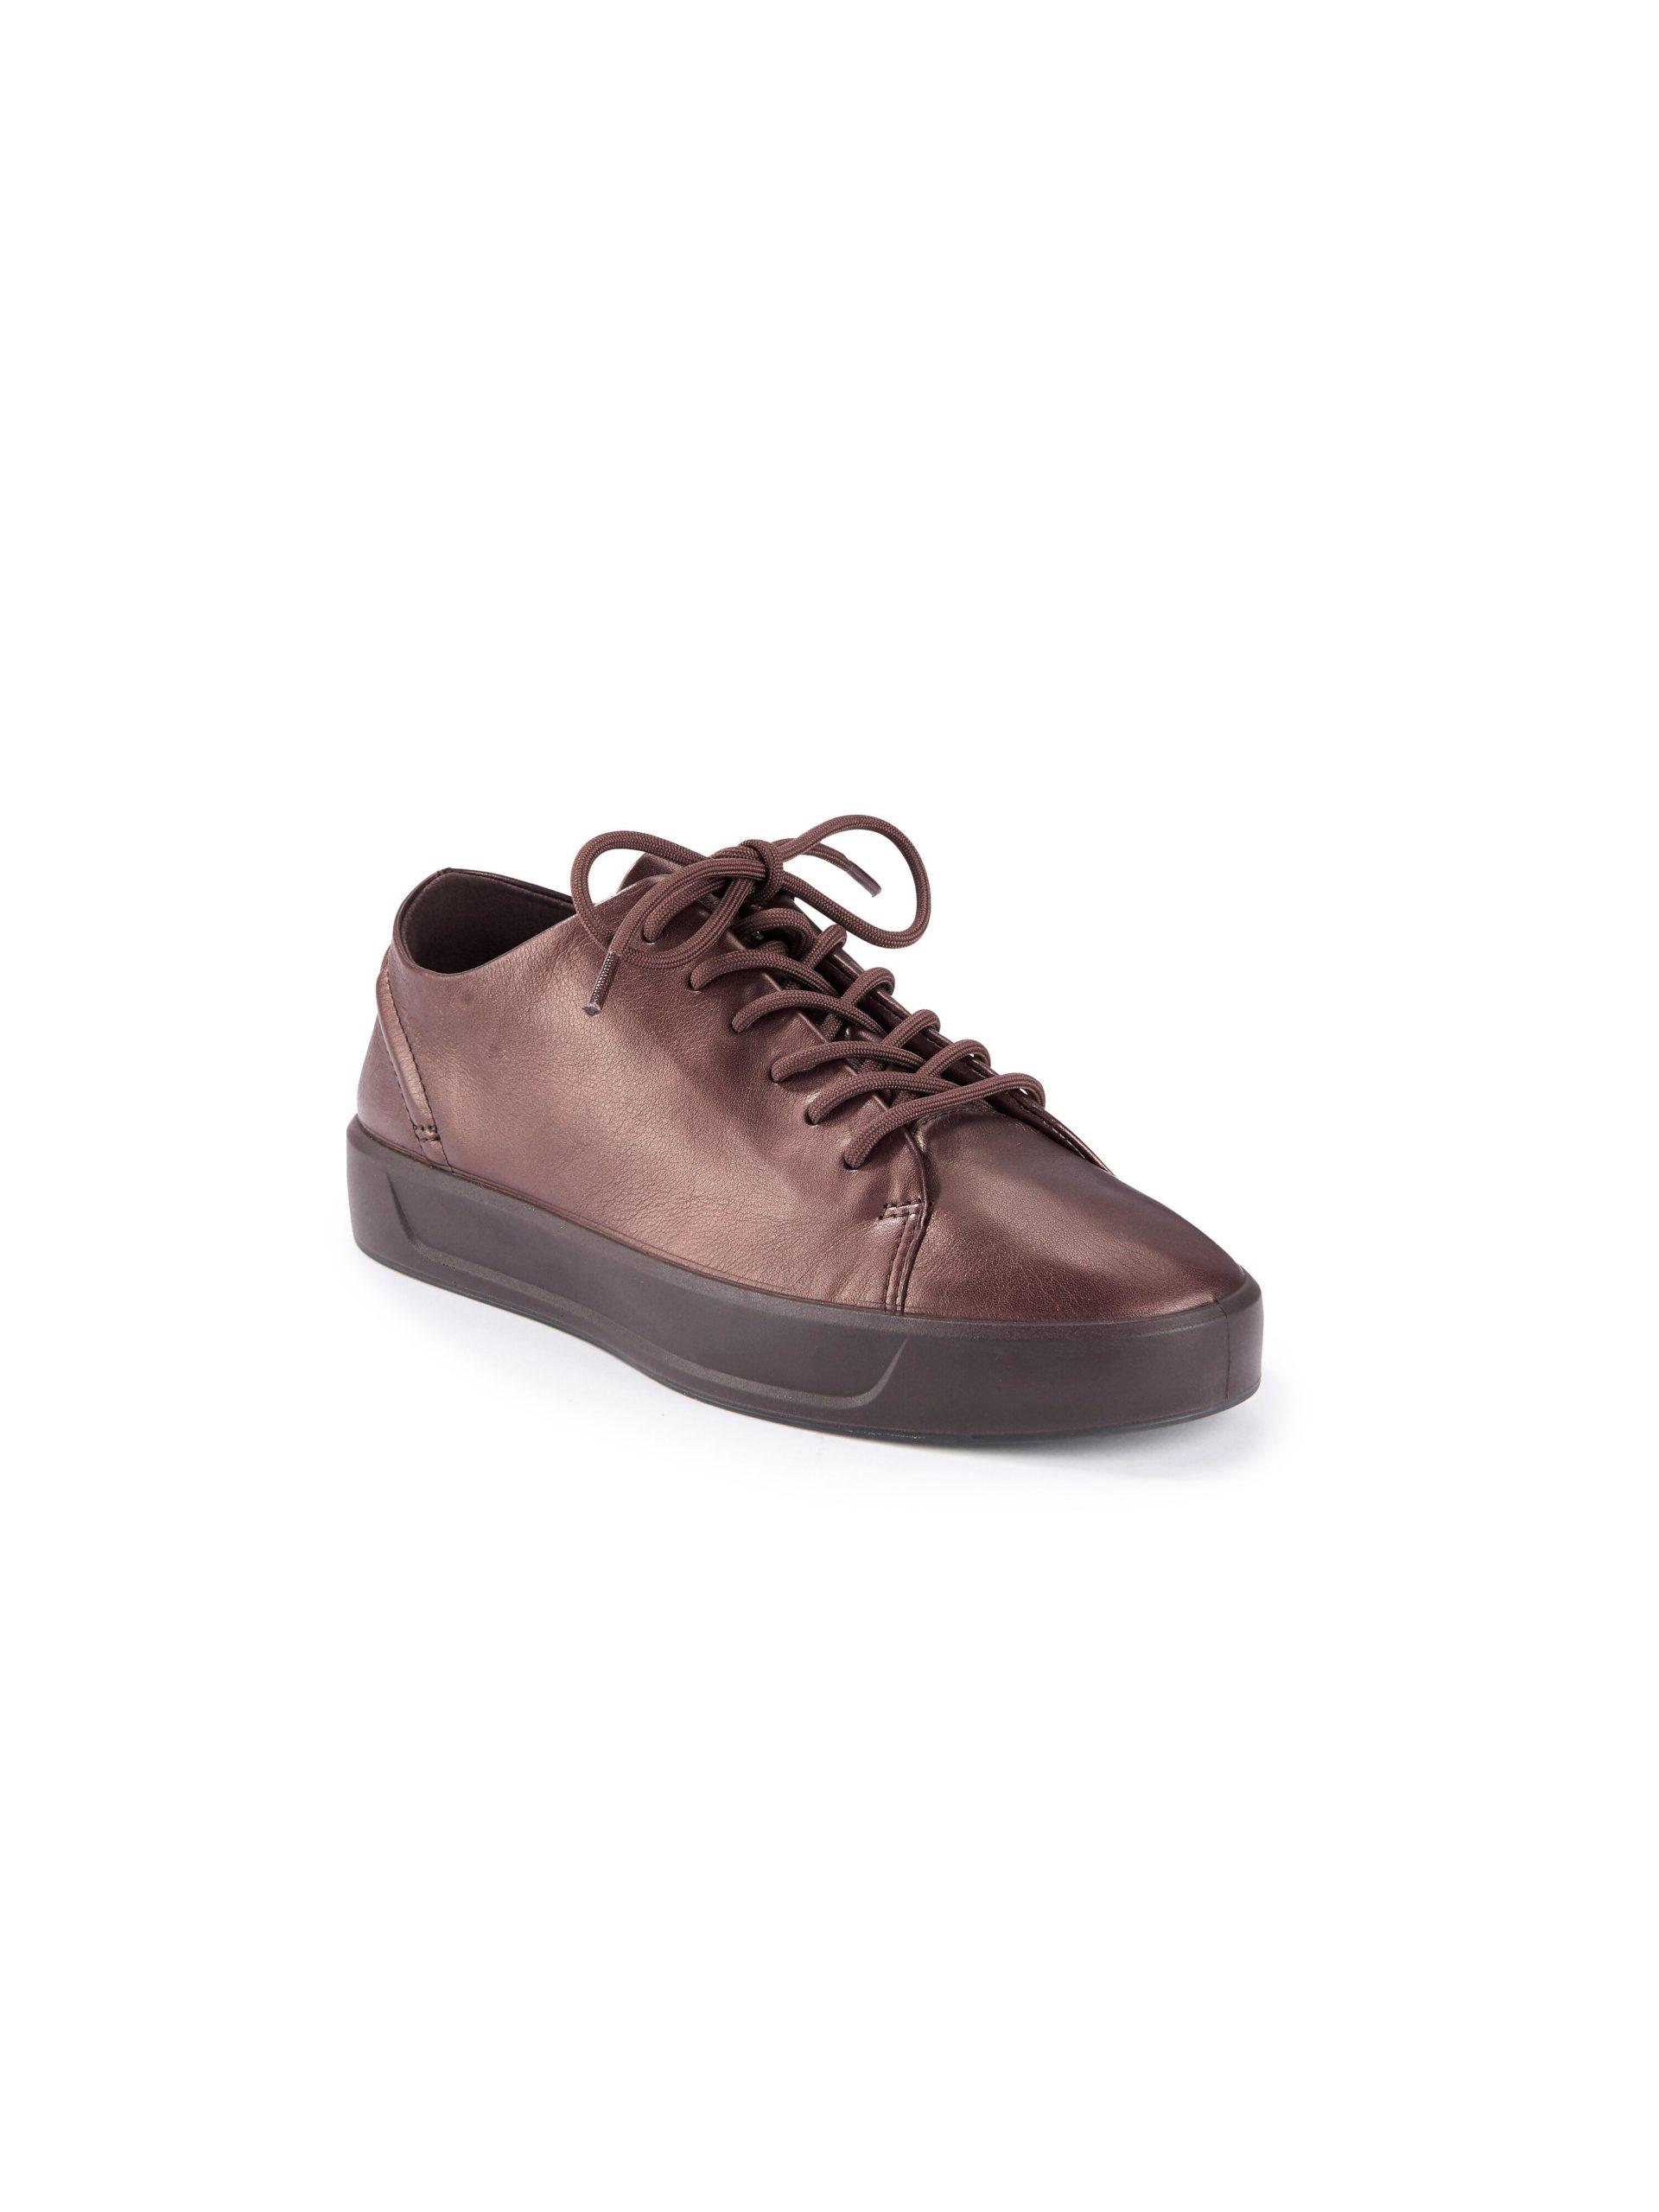 Sneakers Van Ecco bruin Kopen